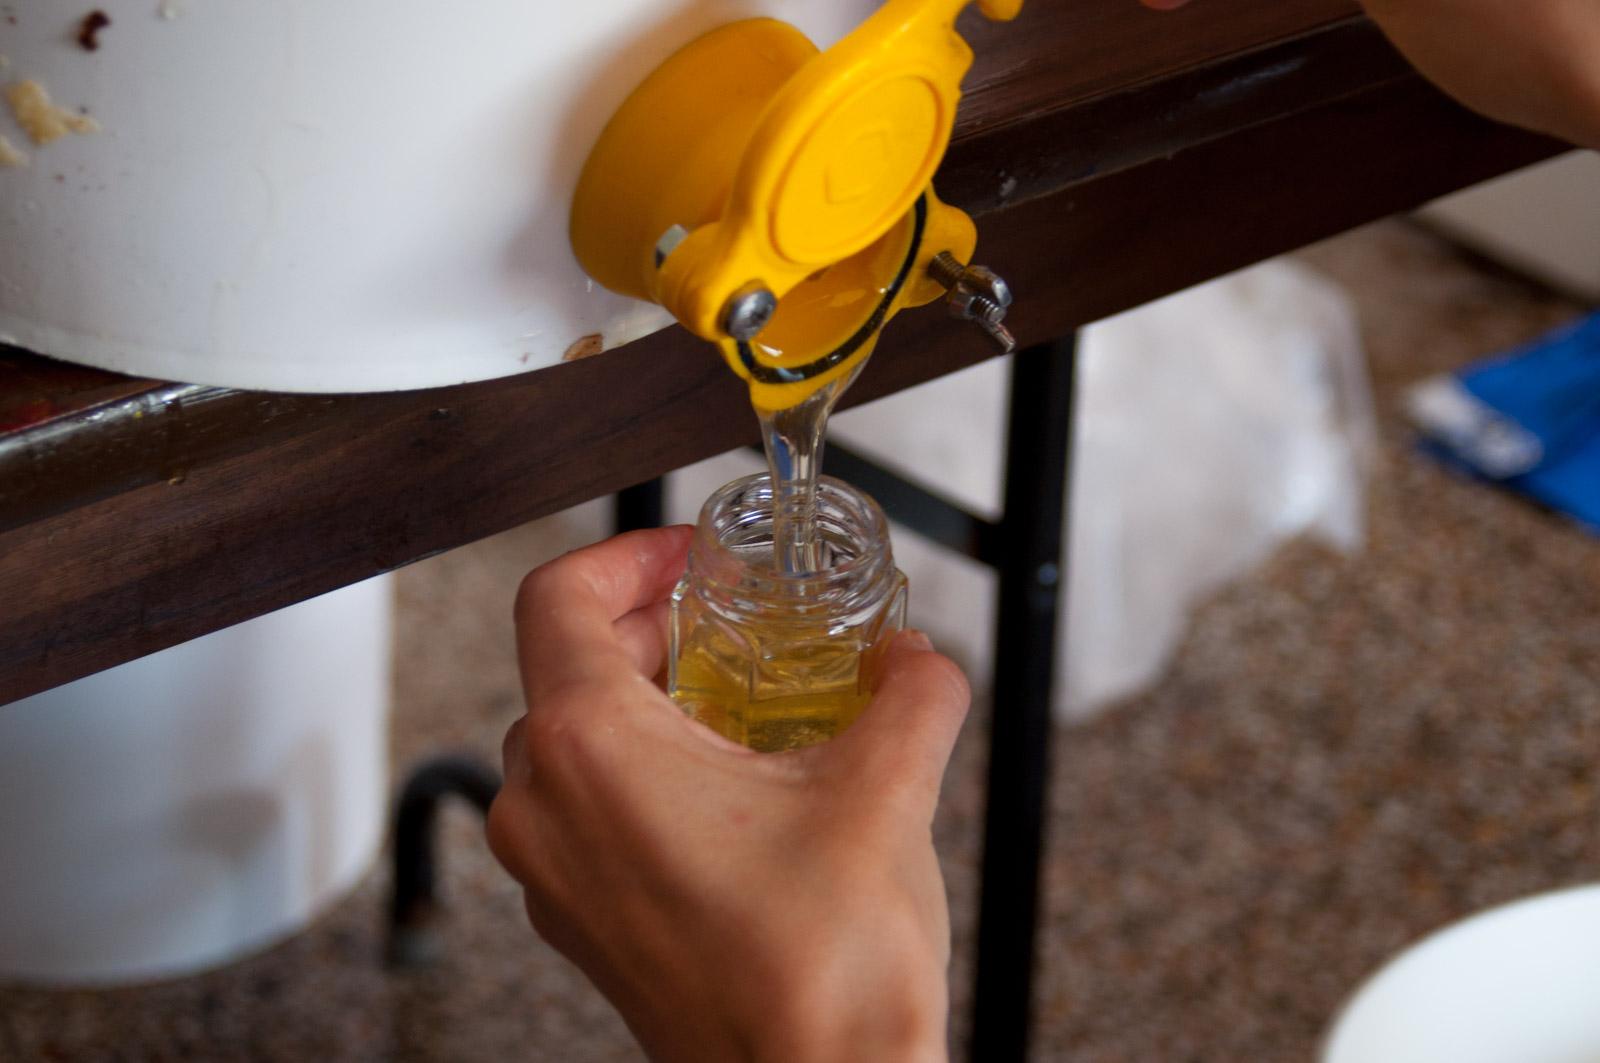 extraction de miel, conditions sanitaires, meilleures pratiques, comment extraire le miel, empotage du miel, services aux membres de Miel Montréal